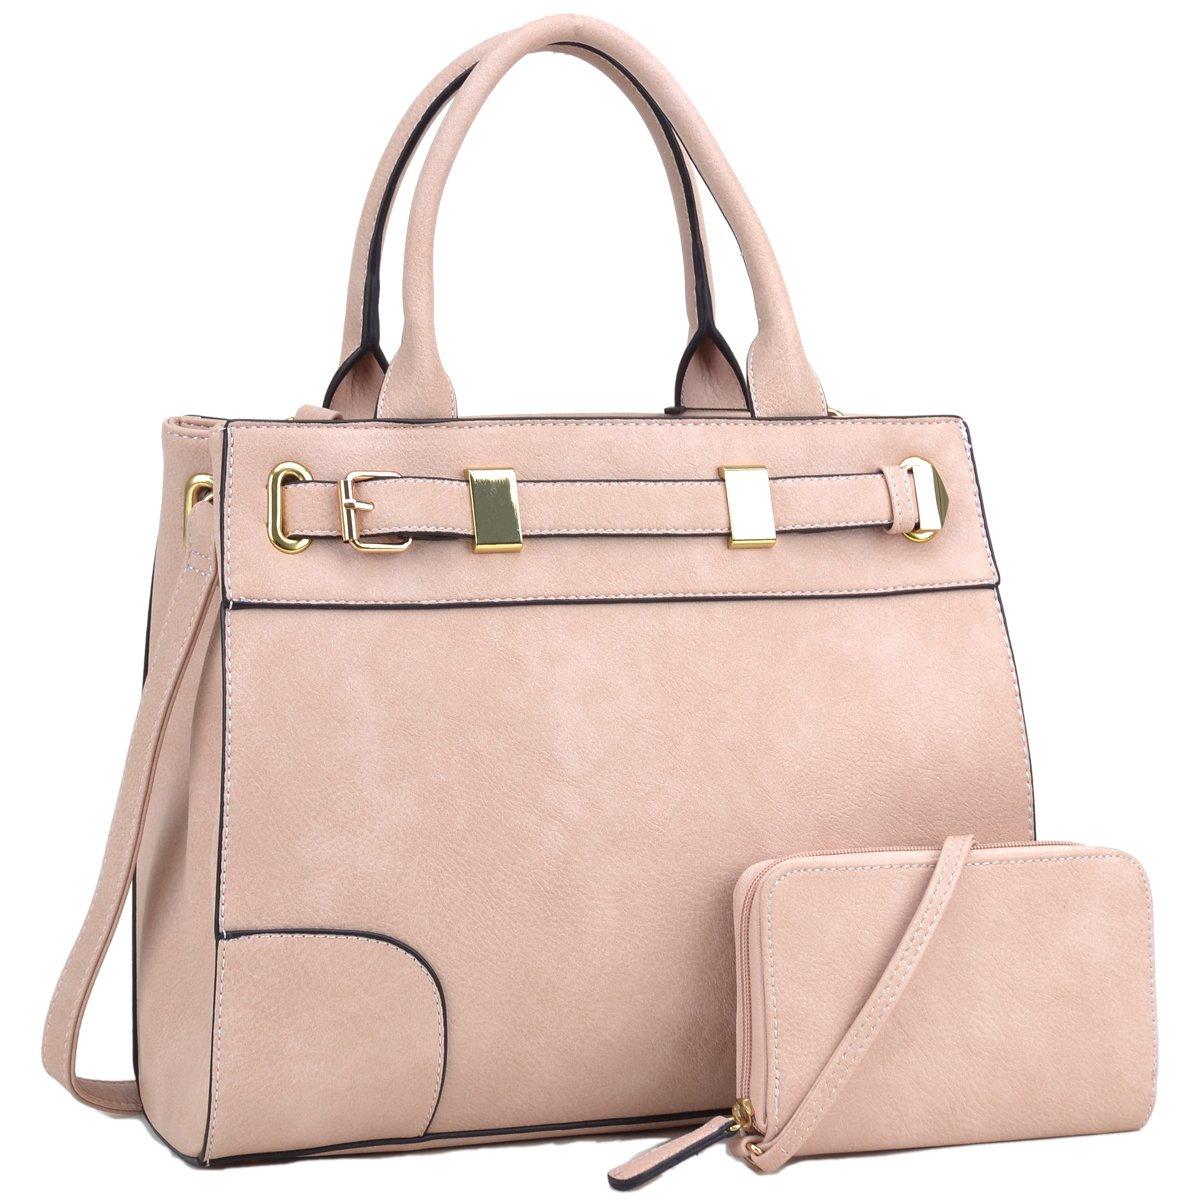 Dasein レディース B0721SHVY9 6716 Pink